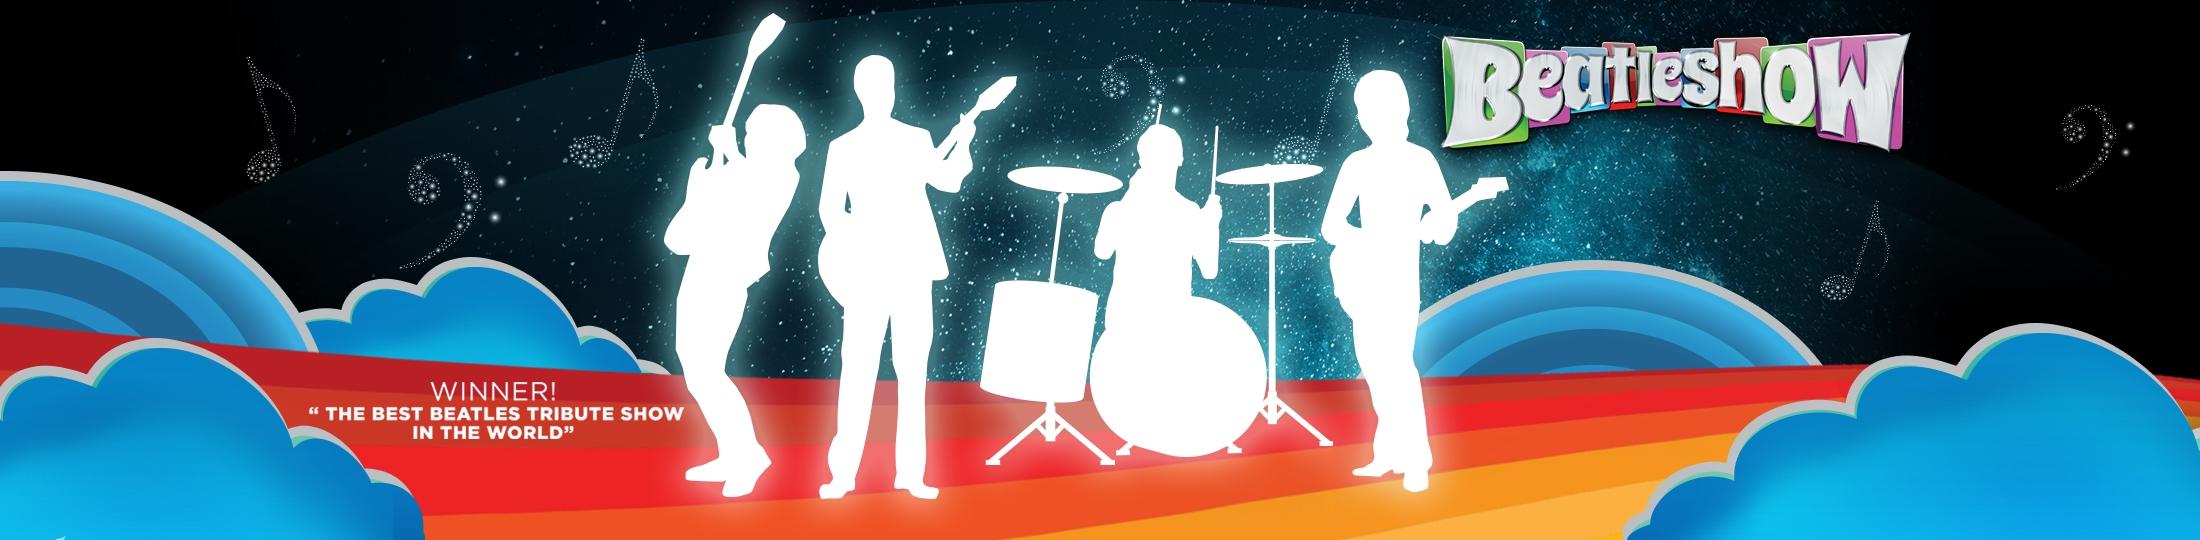 Beatles Vegas Show